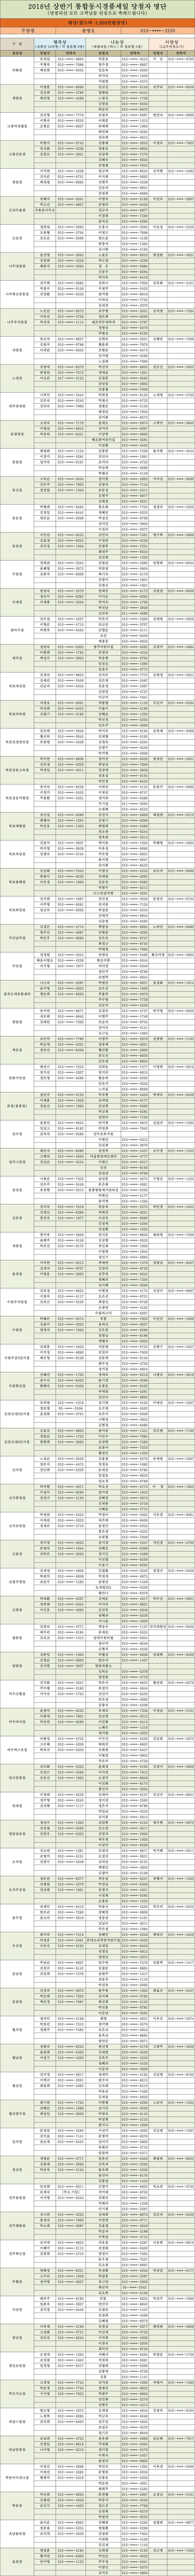 2018상반기_통합경품세일_당첨자명단.jpg